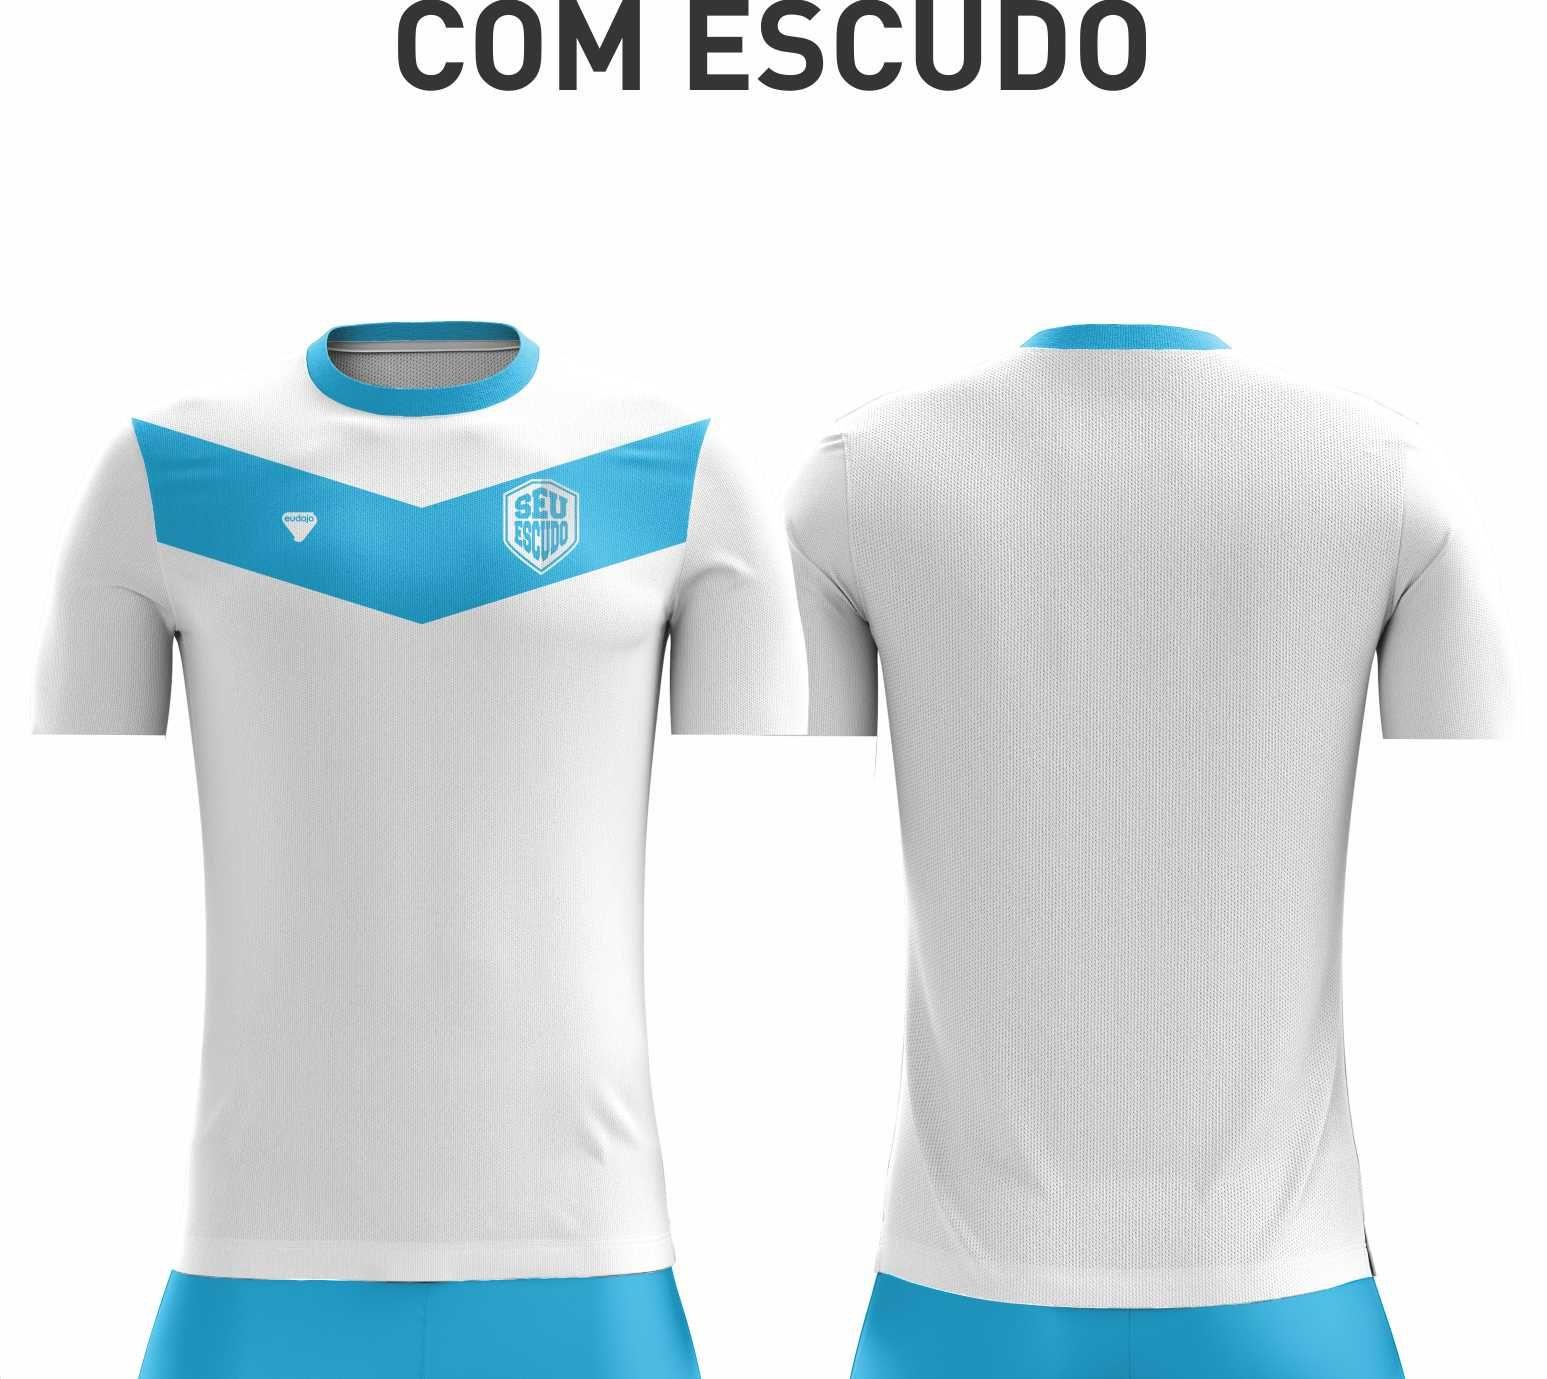 camiseta-dryfit-com-detalhes-costurados-modelo-costurado